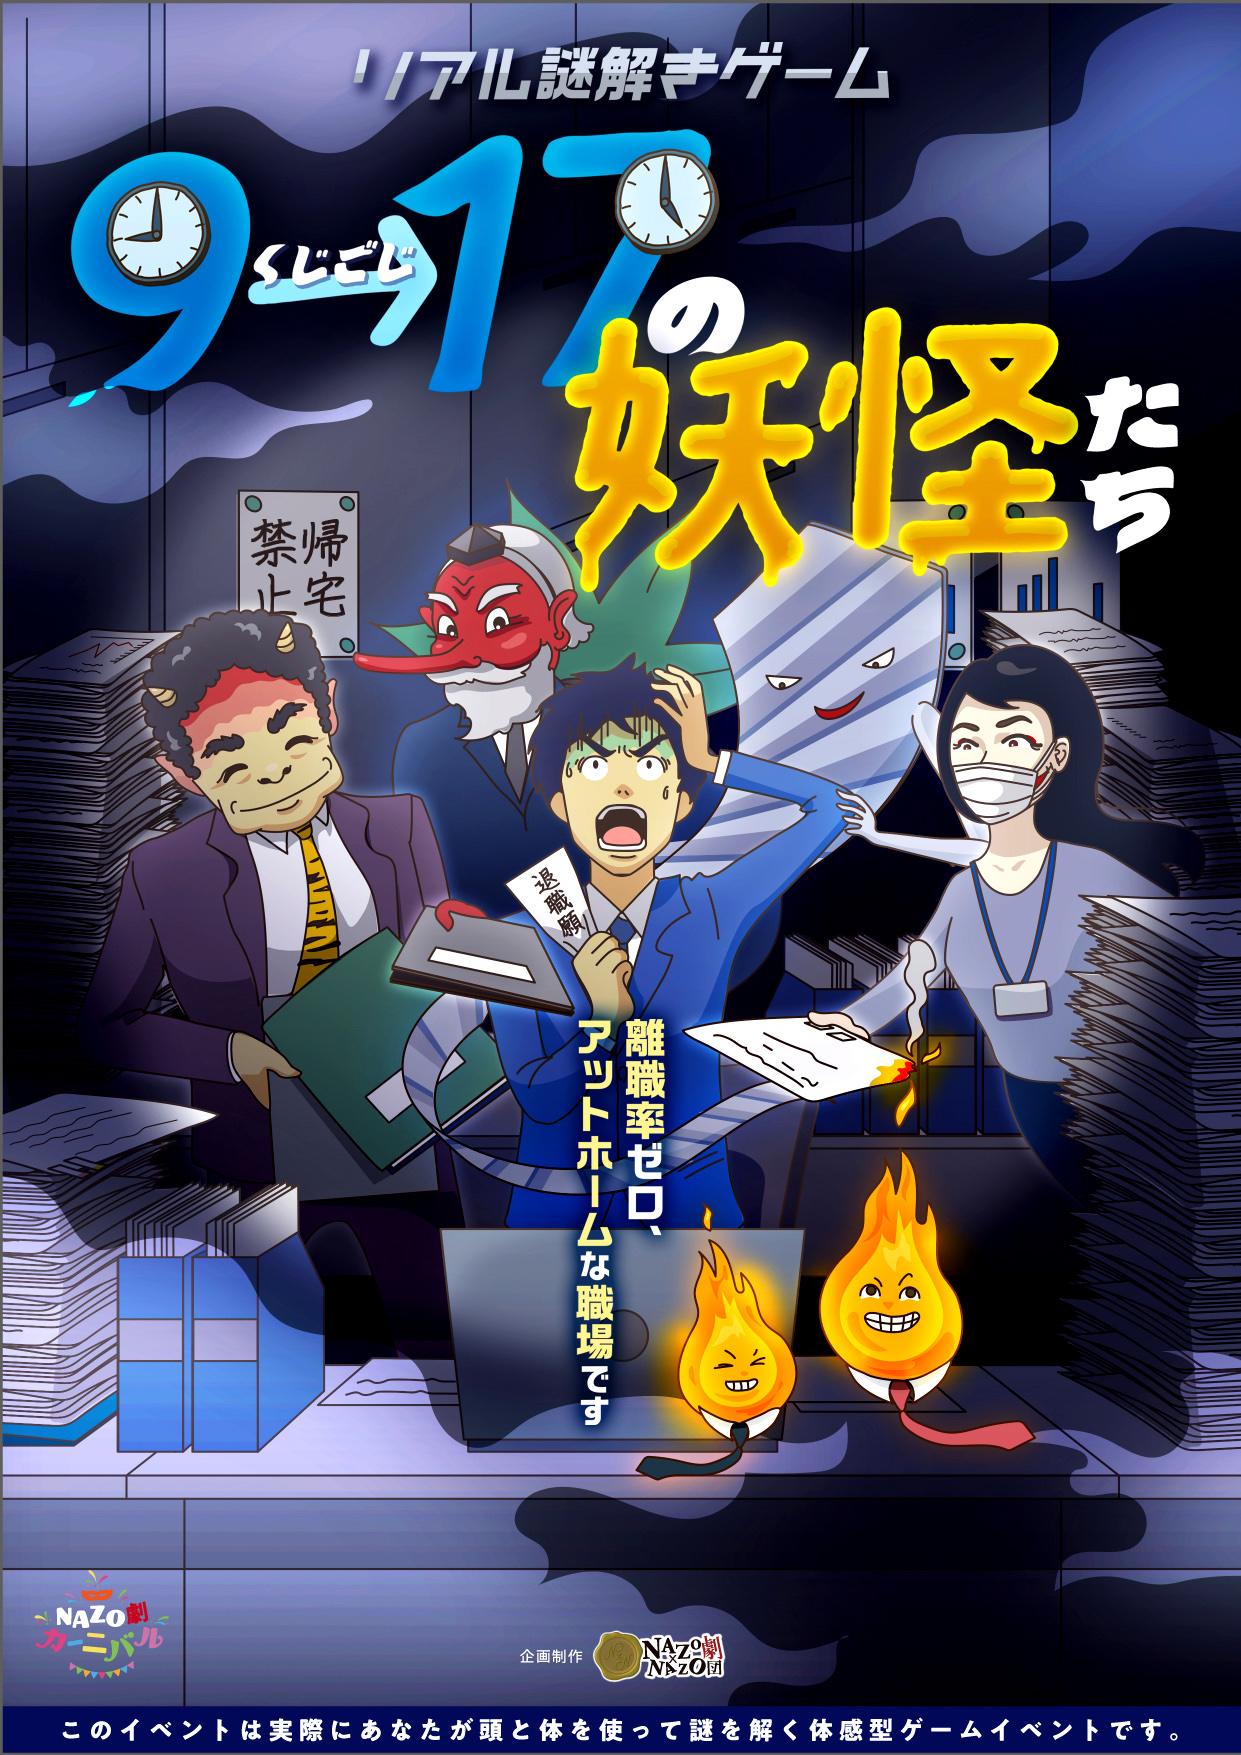 キャスト公演型リアル謎解きゲーム「9→17時の妖怪たち(くじごじのようかいたち)」